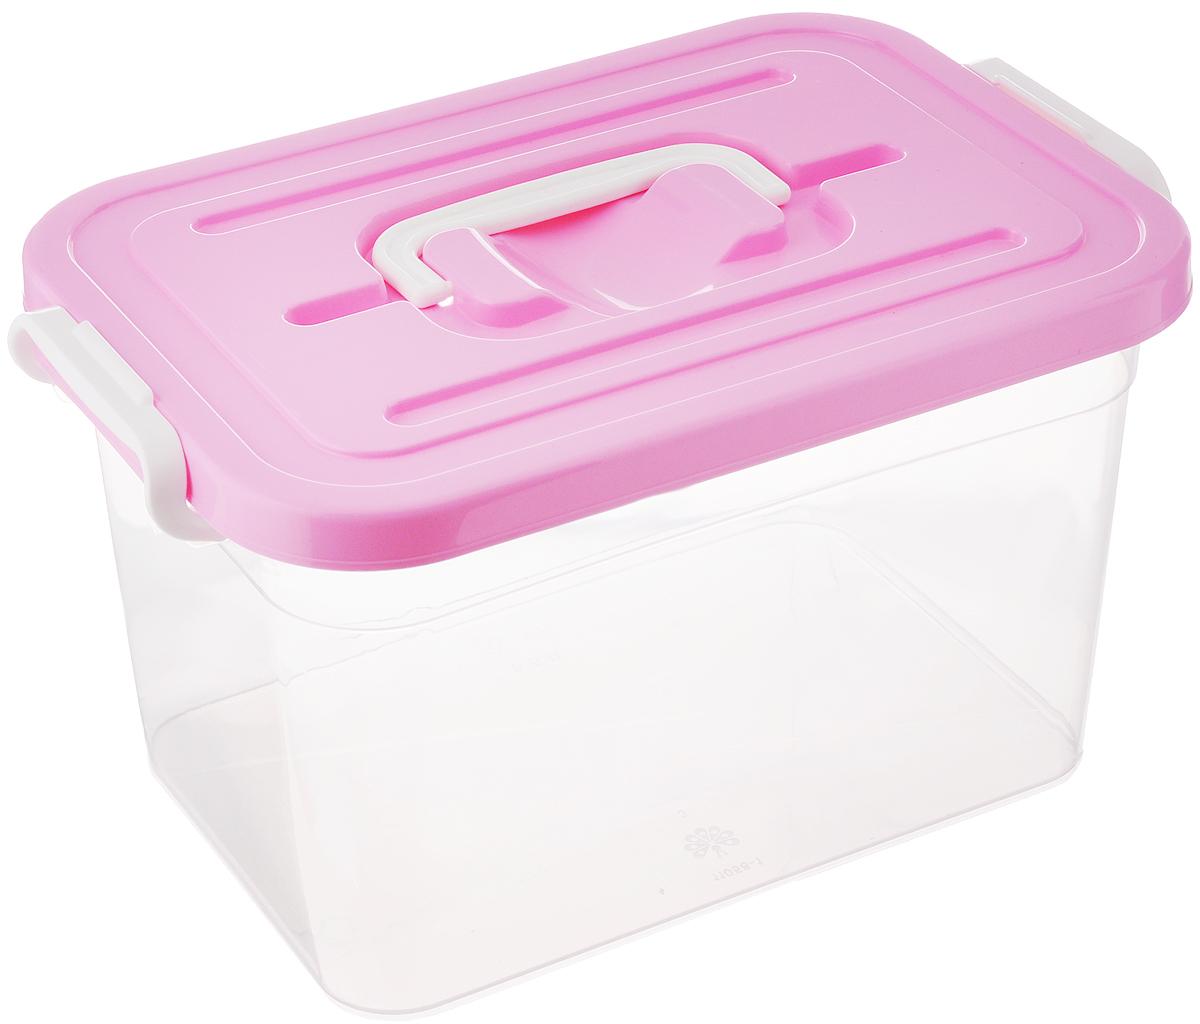 Контейнер для хранения Полимербыт, цвет: розовый, прозрачный, 6,5 лRG-D31SКонтейнер для хранения Полимербыт выполнен из высококачественного пищевого пластика. Контейнер снабжен удобной ручкой и двумя пластиковыми фиксаторами по бокам, придающими дополнительную надежность закрывания крышки. Вместительный контейнер позволит сохранить различные нужные вещи в порядке, а герметичная крышка предотвратит случайное открывание, защитит содержимое от пыли и грязи. Объем: 6,5 л.